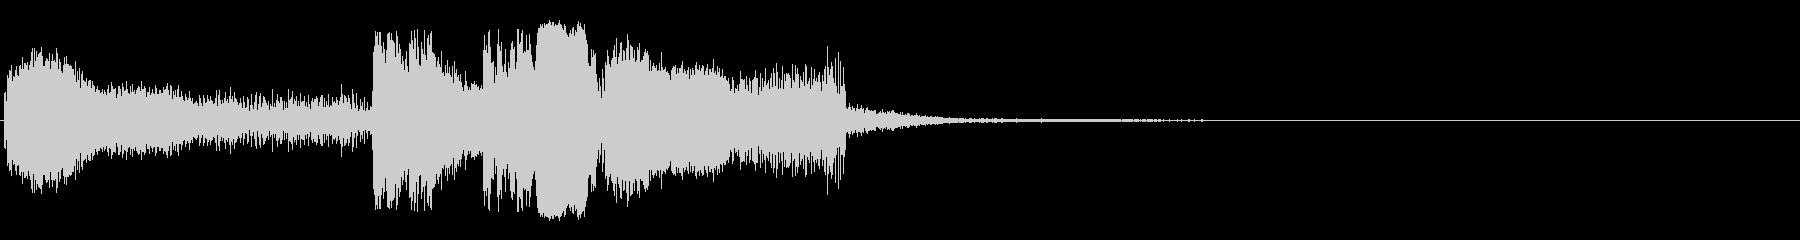 放電1 (ビリビリビリ…バシューンバリ…の未再生の波形